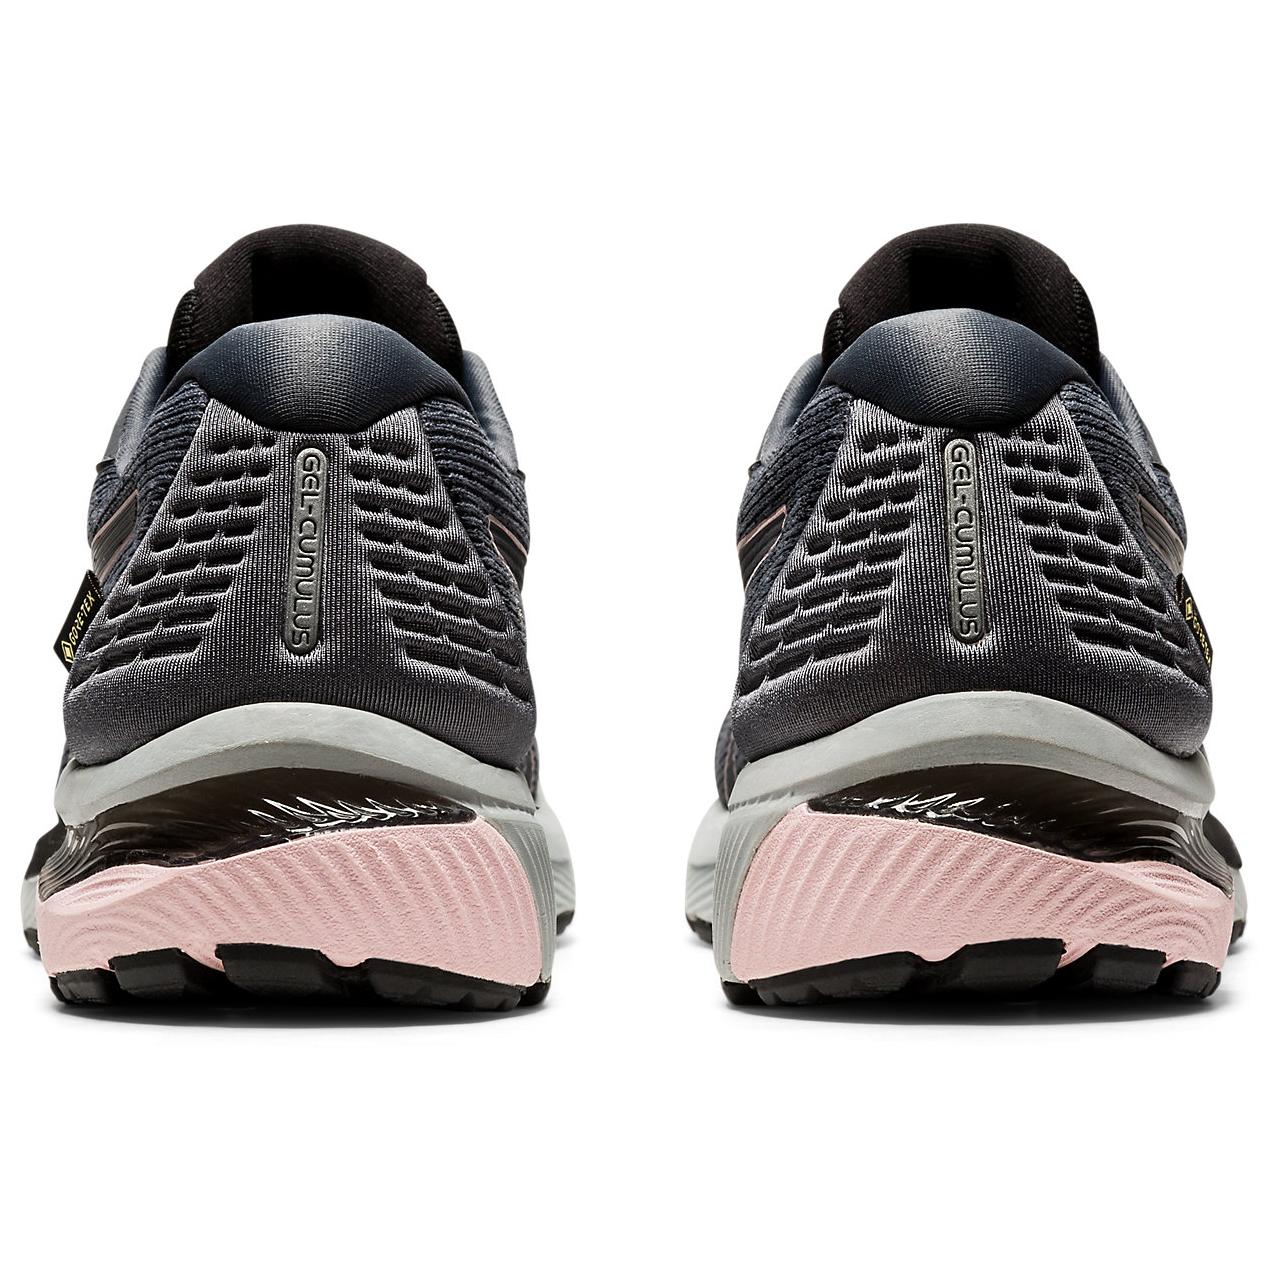 Asics - Women's Gel-Cumulus 22 GTX - Running shoes - Carrier Grey / Ginger Peach | 5,5 (US)